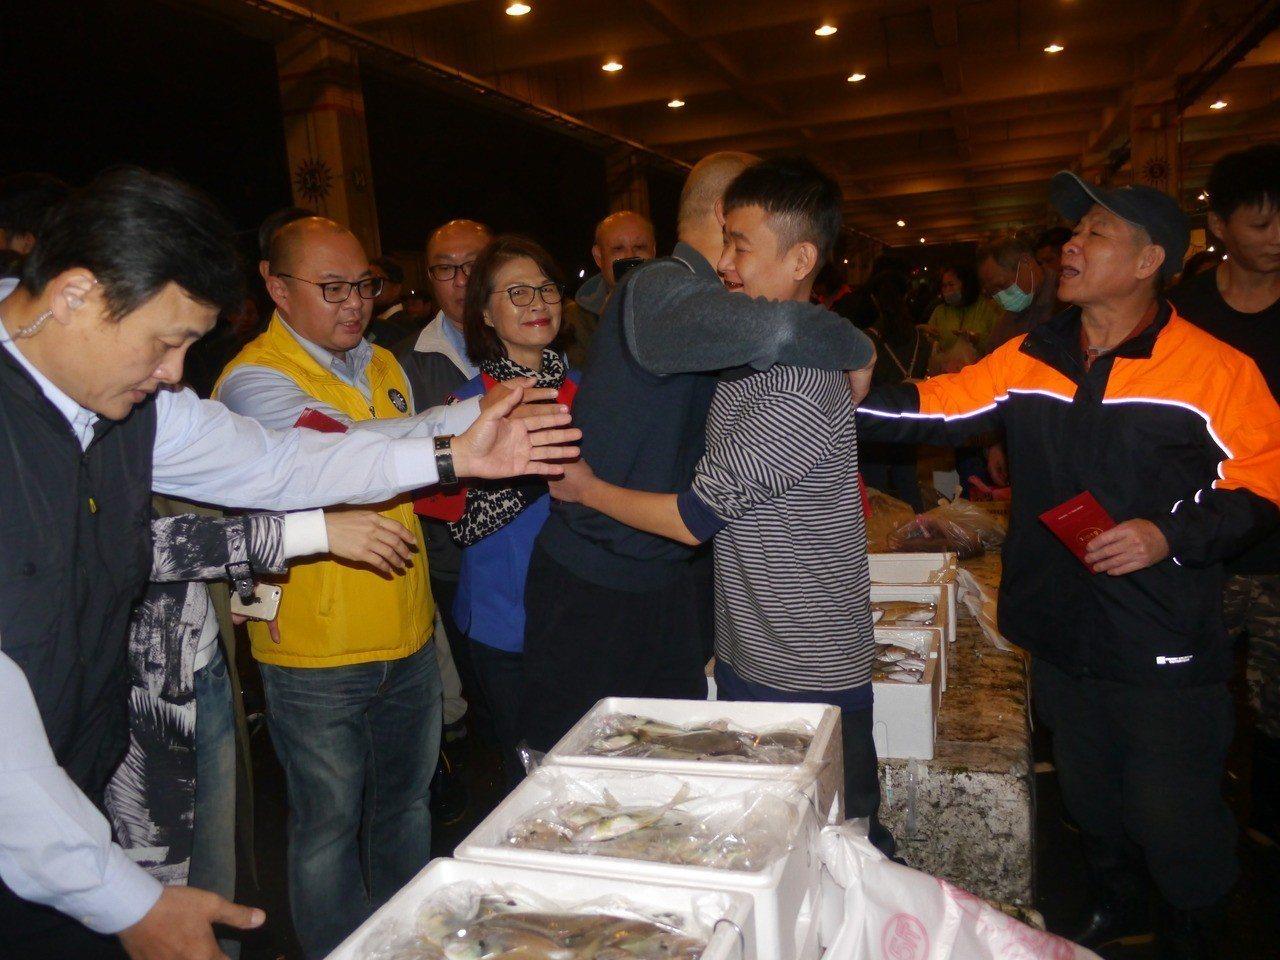 熱情攤商要求擁抱,韓國瑜應要求給一個溫暖擁抱。記者徐白櫻/攝影